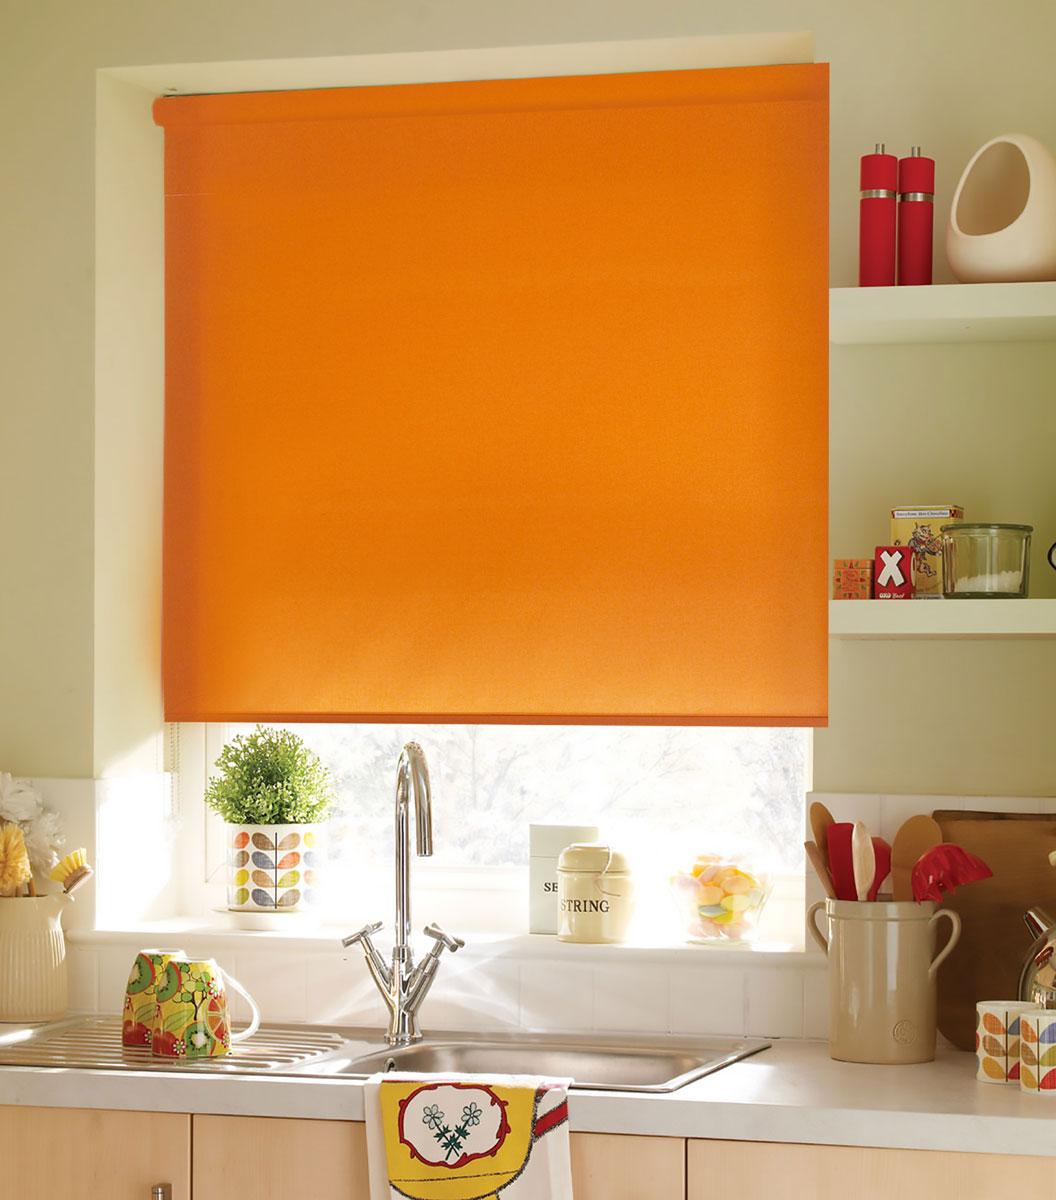 Миниролло KauffOrt 90х170 см, цвет: оранжевый3090203Рулонная штора Миниролло выполнена из высокопрочной ткани оранжевого цвета, которая сохраняет свой размер даже при намокании. Ткань не выцветает и обладает отличной цветоустойчивостью. Миниролло - это подвид рулонных штор, который закрывает не весь оконный проем, а непосредственно само стекло. Такие шторы крепятся на раму без сверления при помощи зажимов или клейкой двухсторонней ленты. Окно остаётся на гарантии, благодаря монтажу без сверления. Такая штора станет прекрасным элементом декора окна и гармонично впишется в интерьер любого помещения.